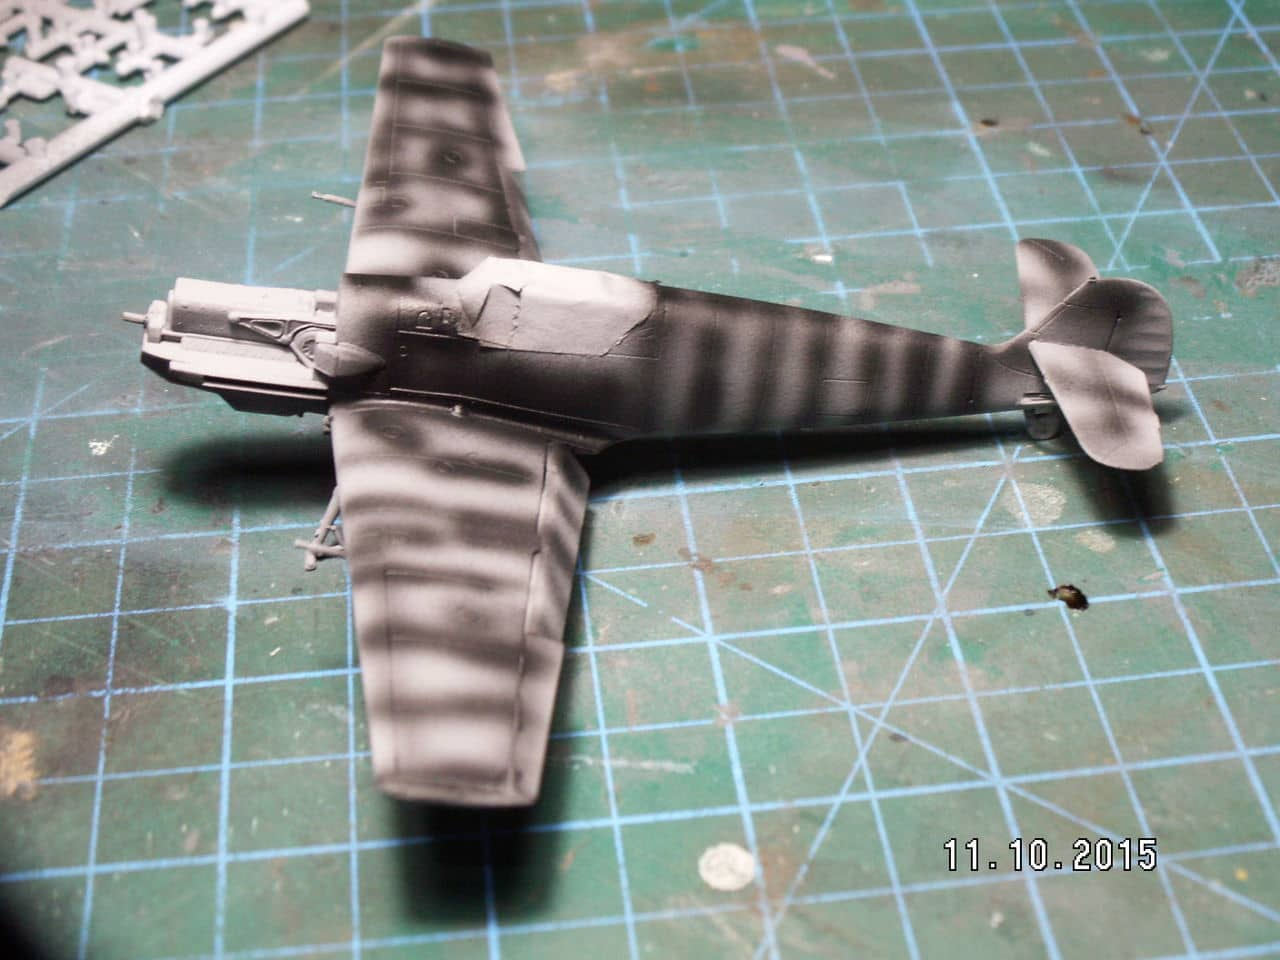 Messerschmitt Bf 109 E-3 / E-4 arfix - Σελίδα 2 PICT0122